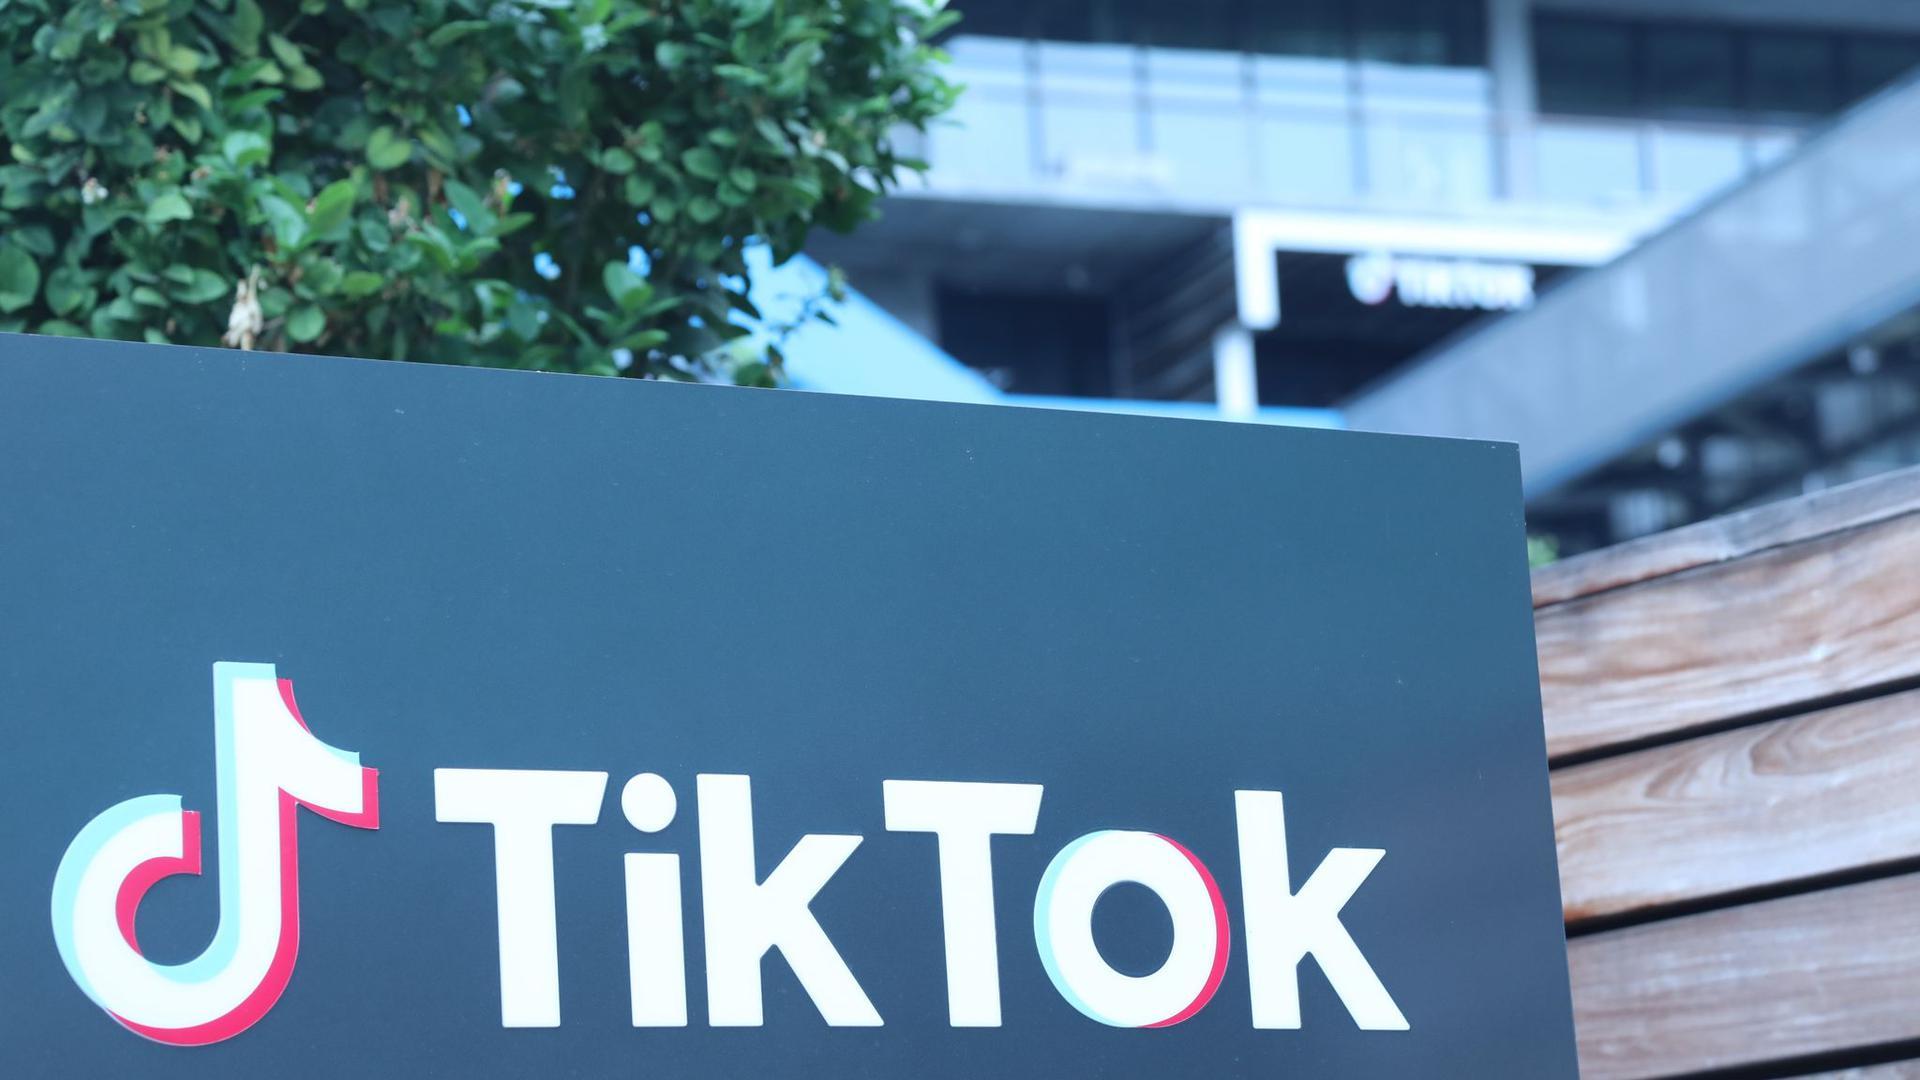 Bei der Video-App Tiktok gibt es Bewegung auf dem Chefposten.